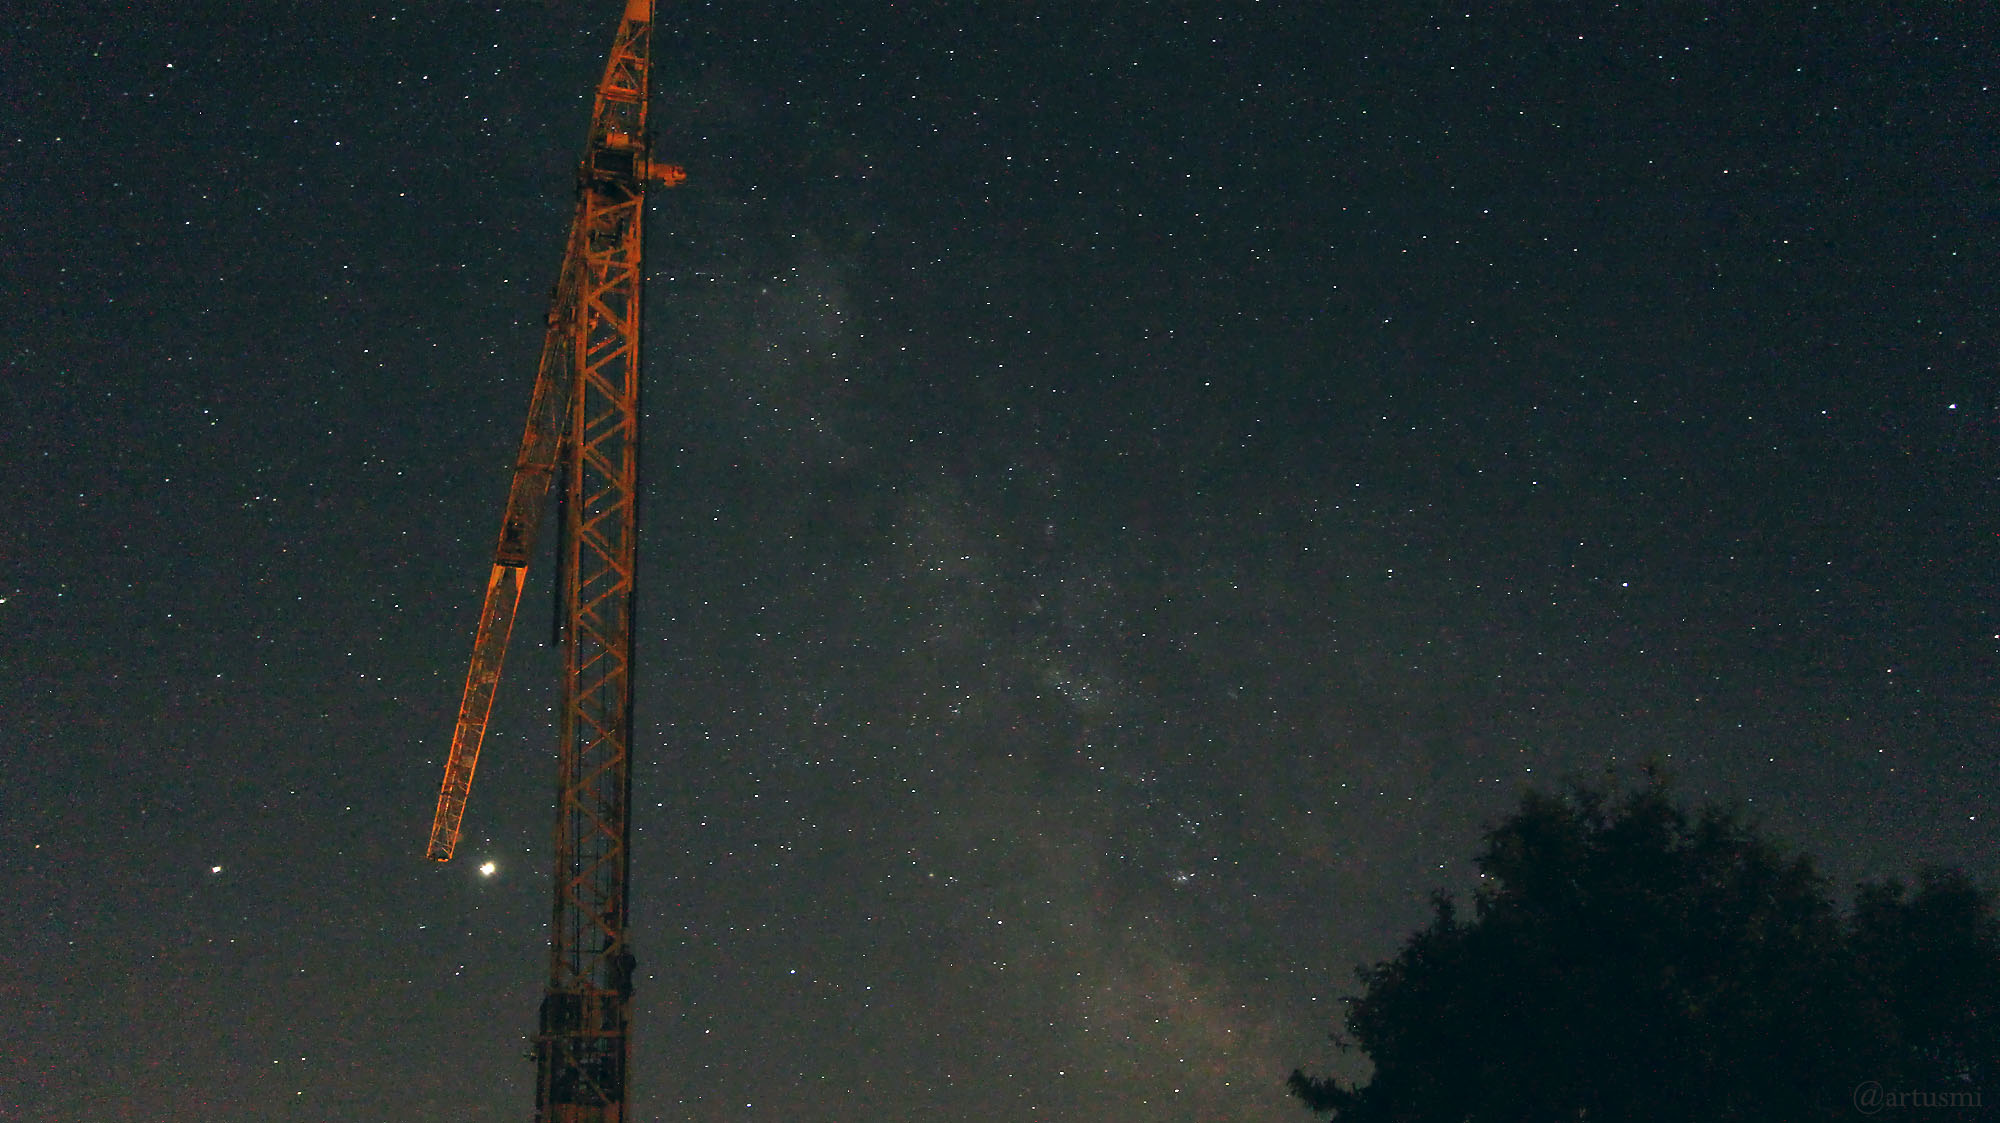 Unsere Galaxie in 3D: Satellitenmission Gaia kartiert die Milchstraße